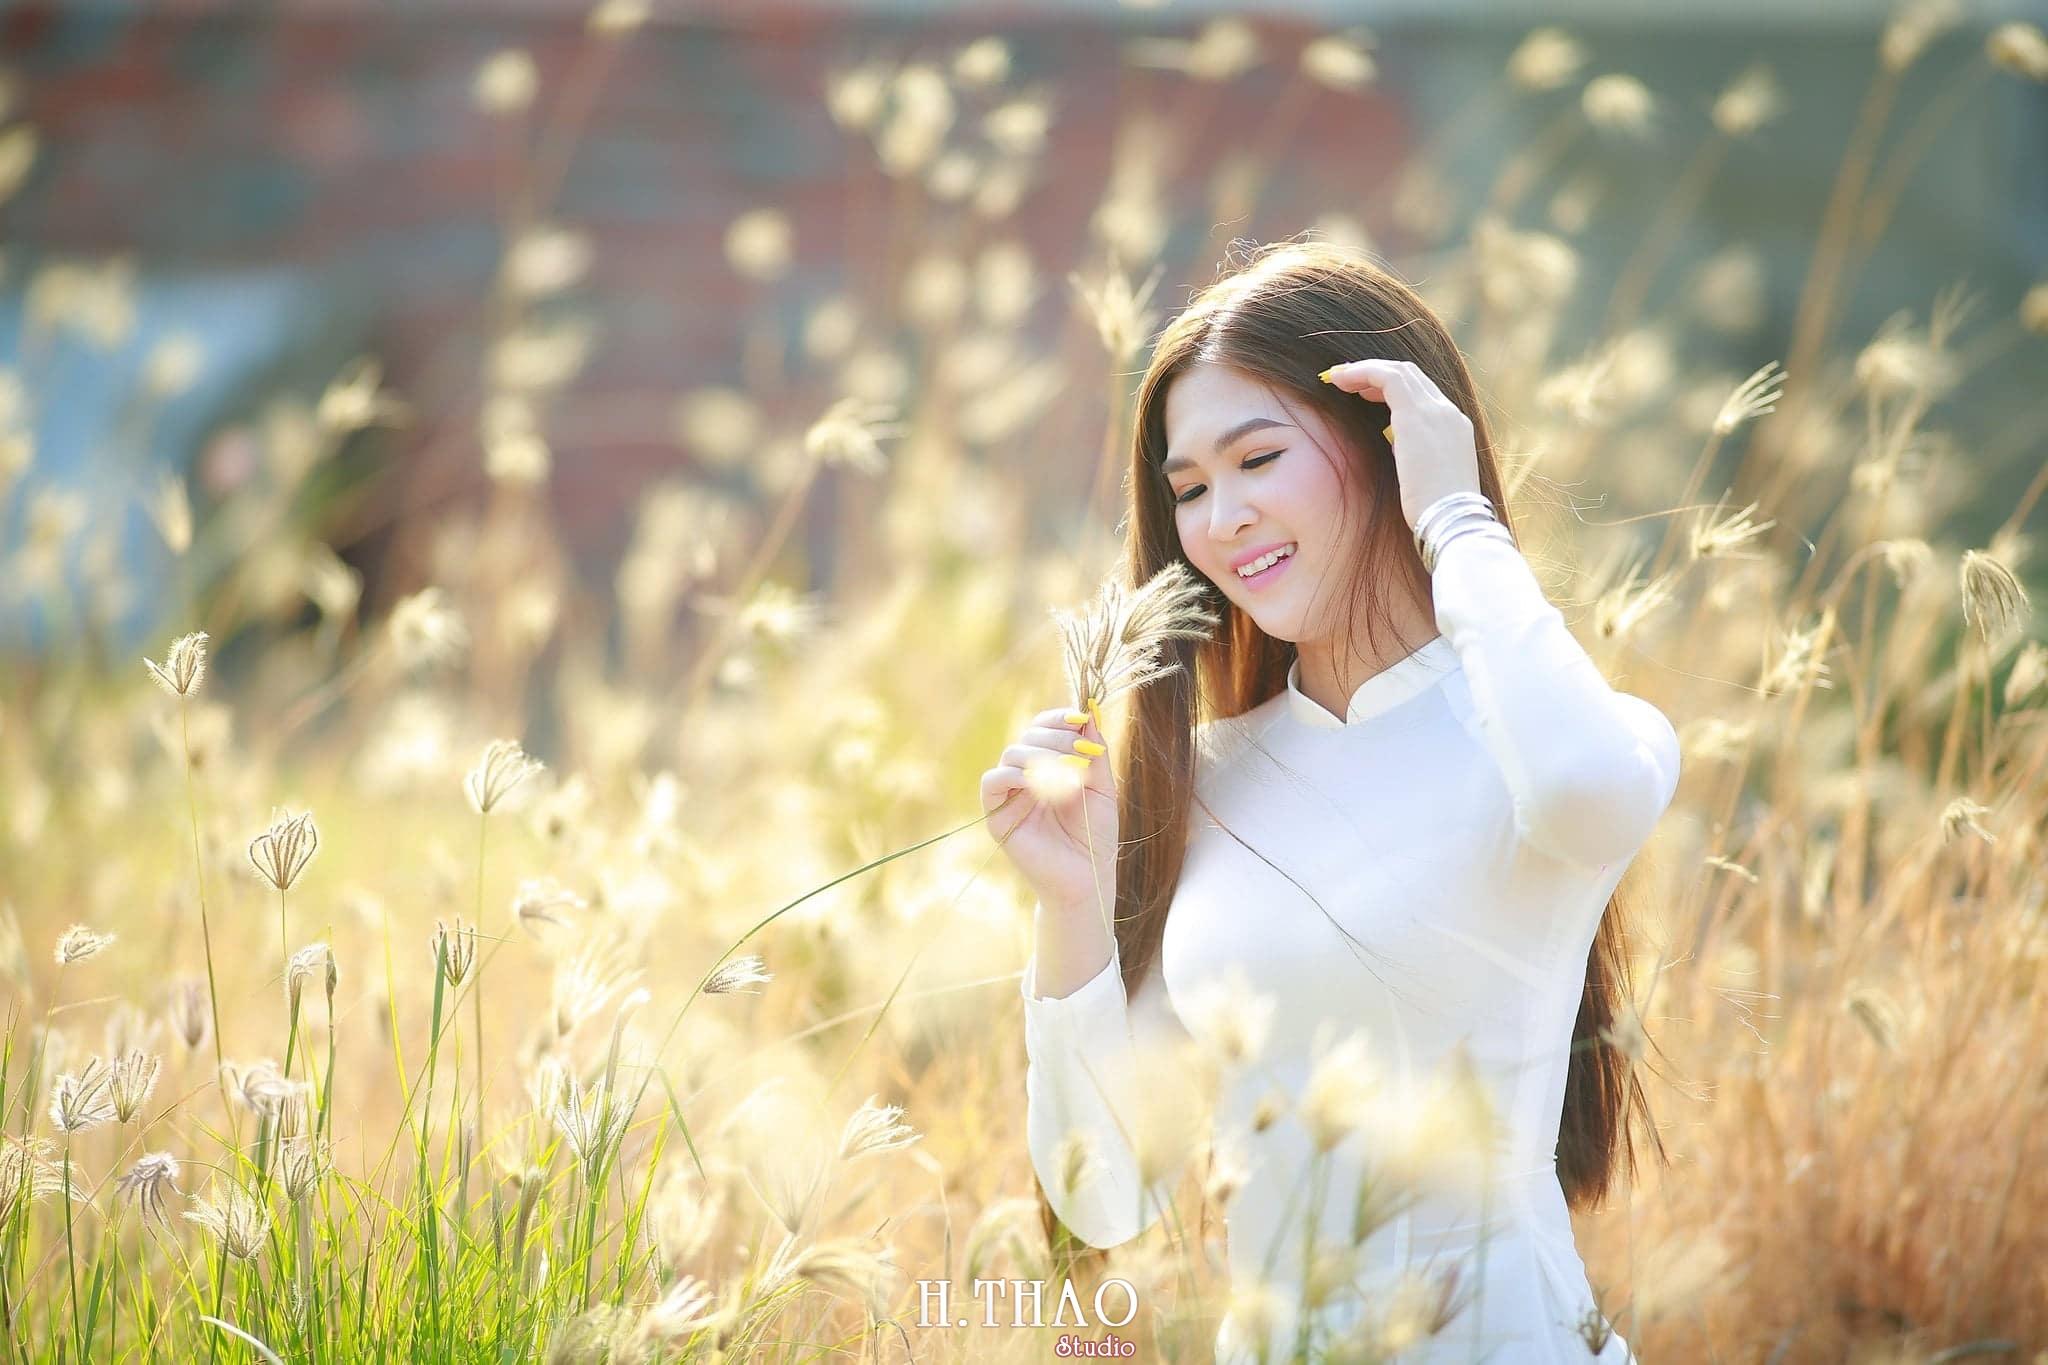 Anh ao dai viet nam 7 - Tổng hợp album áo dài đẹp by HThao Studio